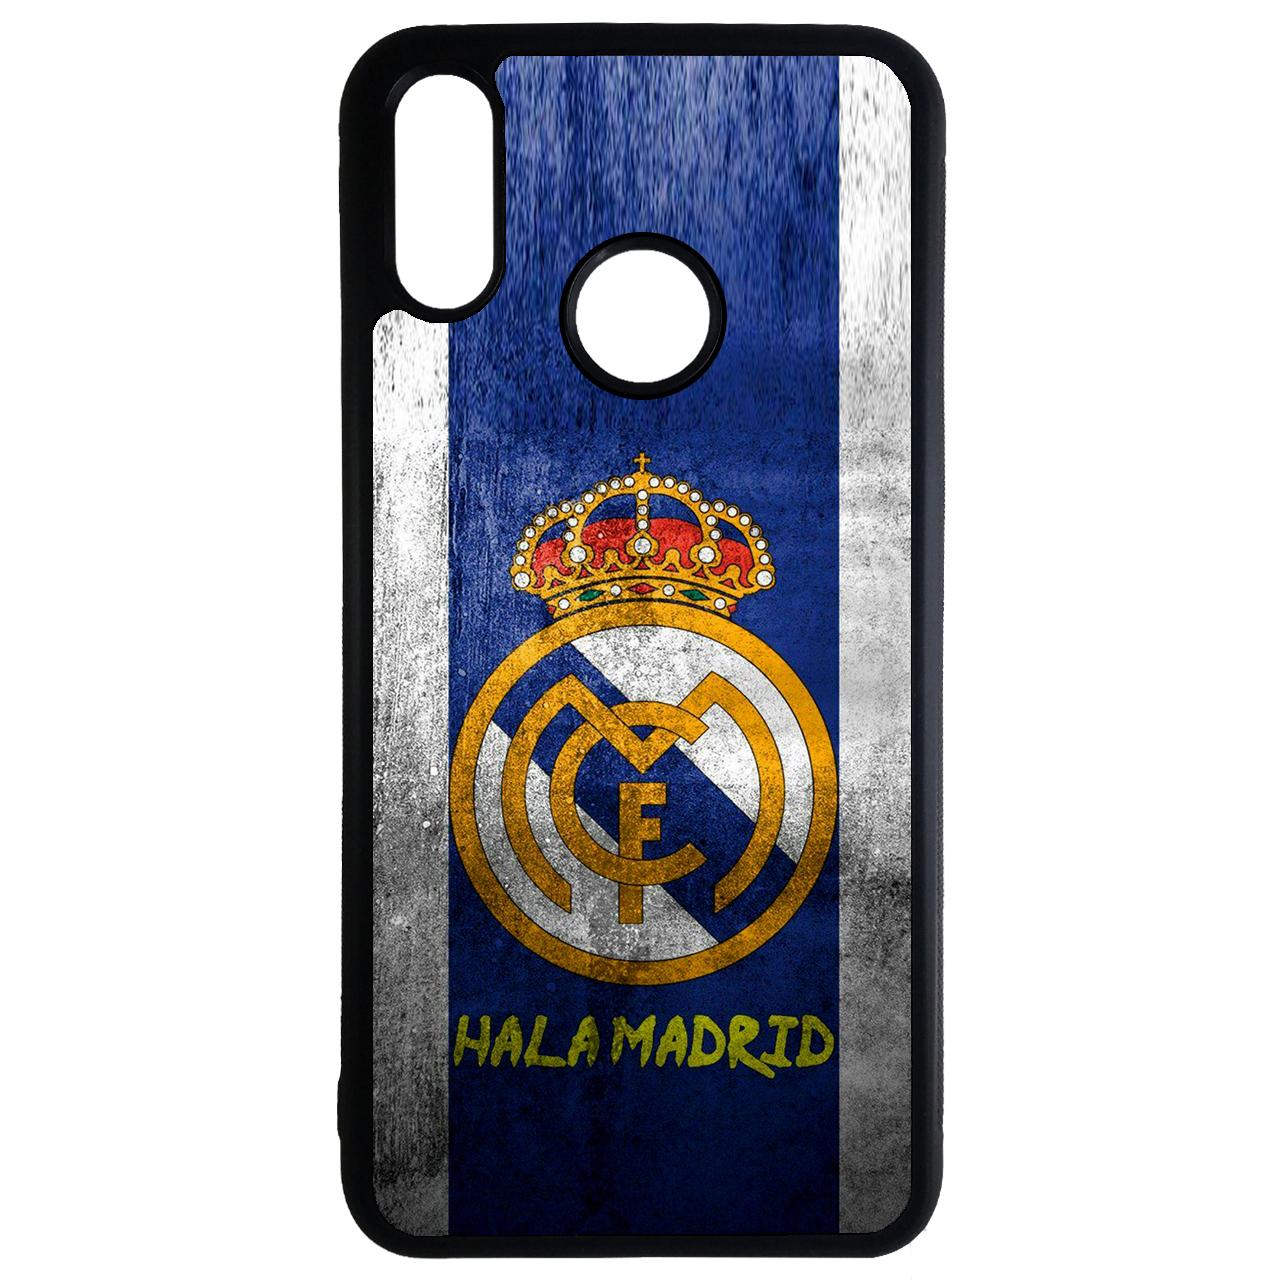 کاور طرح رئال مادرید کد 11050646 مناسب برای گوشی موبایل هوآوی y7 2019